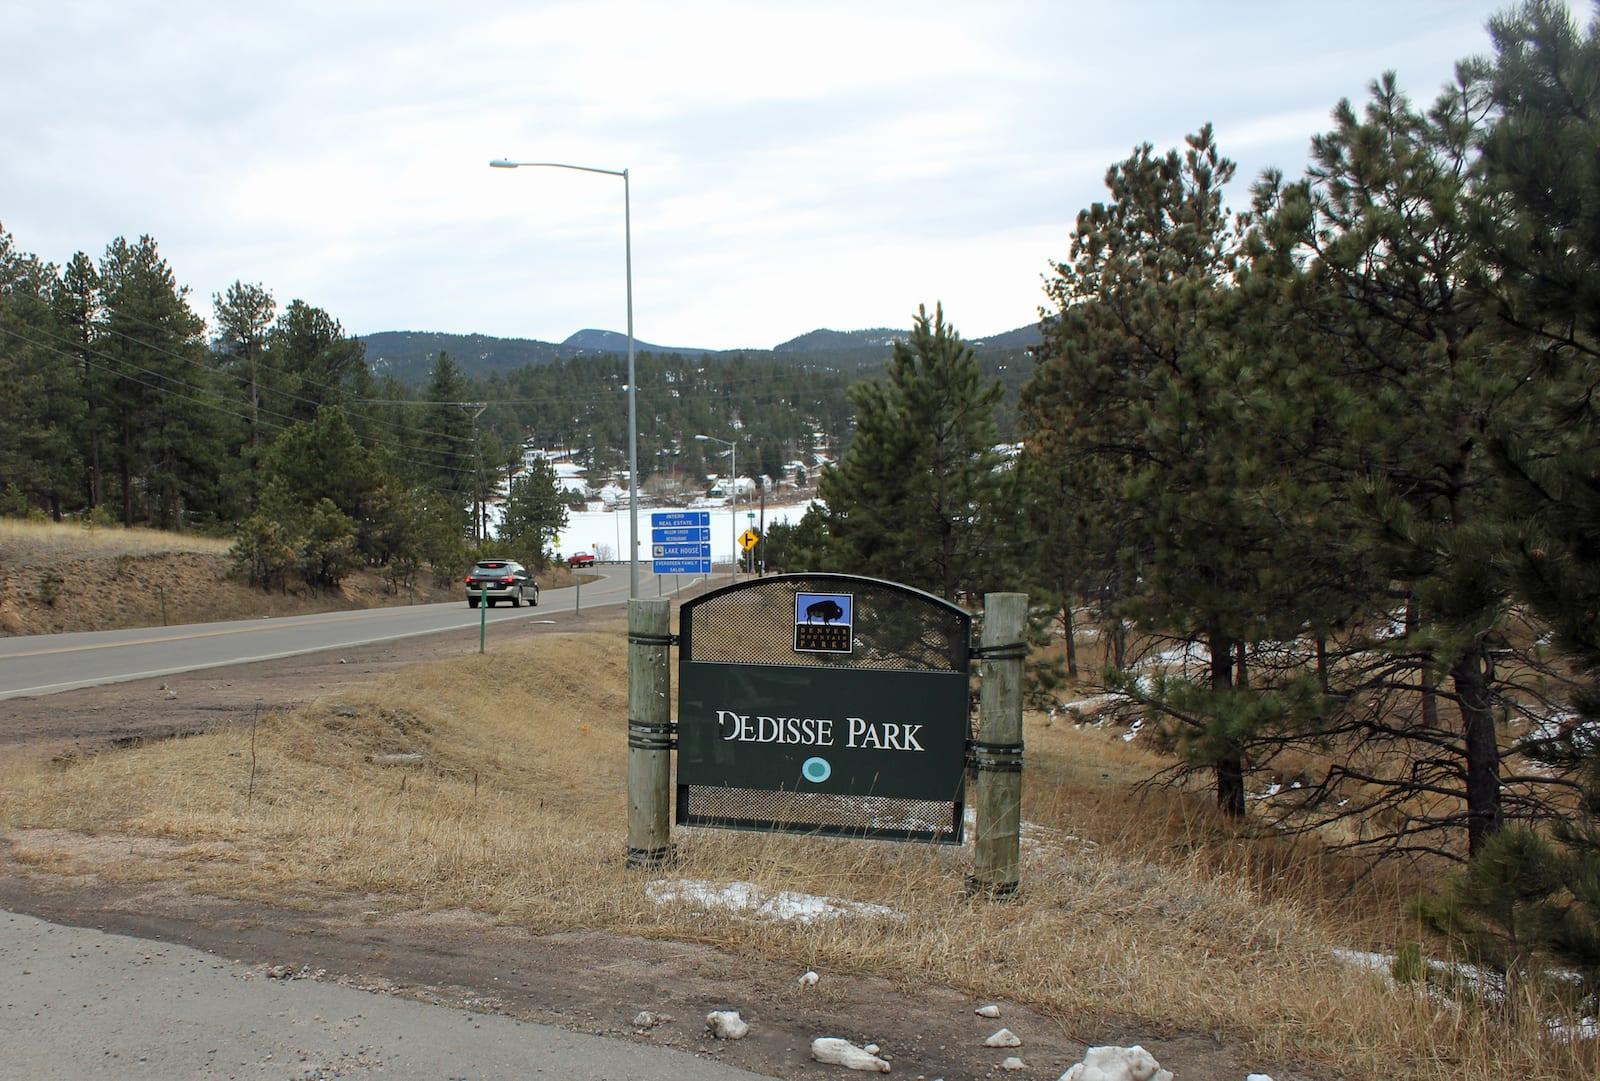 Dedisse Park, Colorado